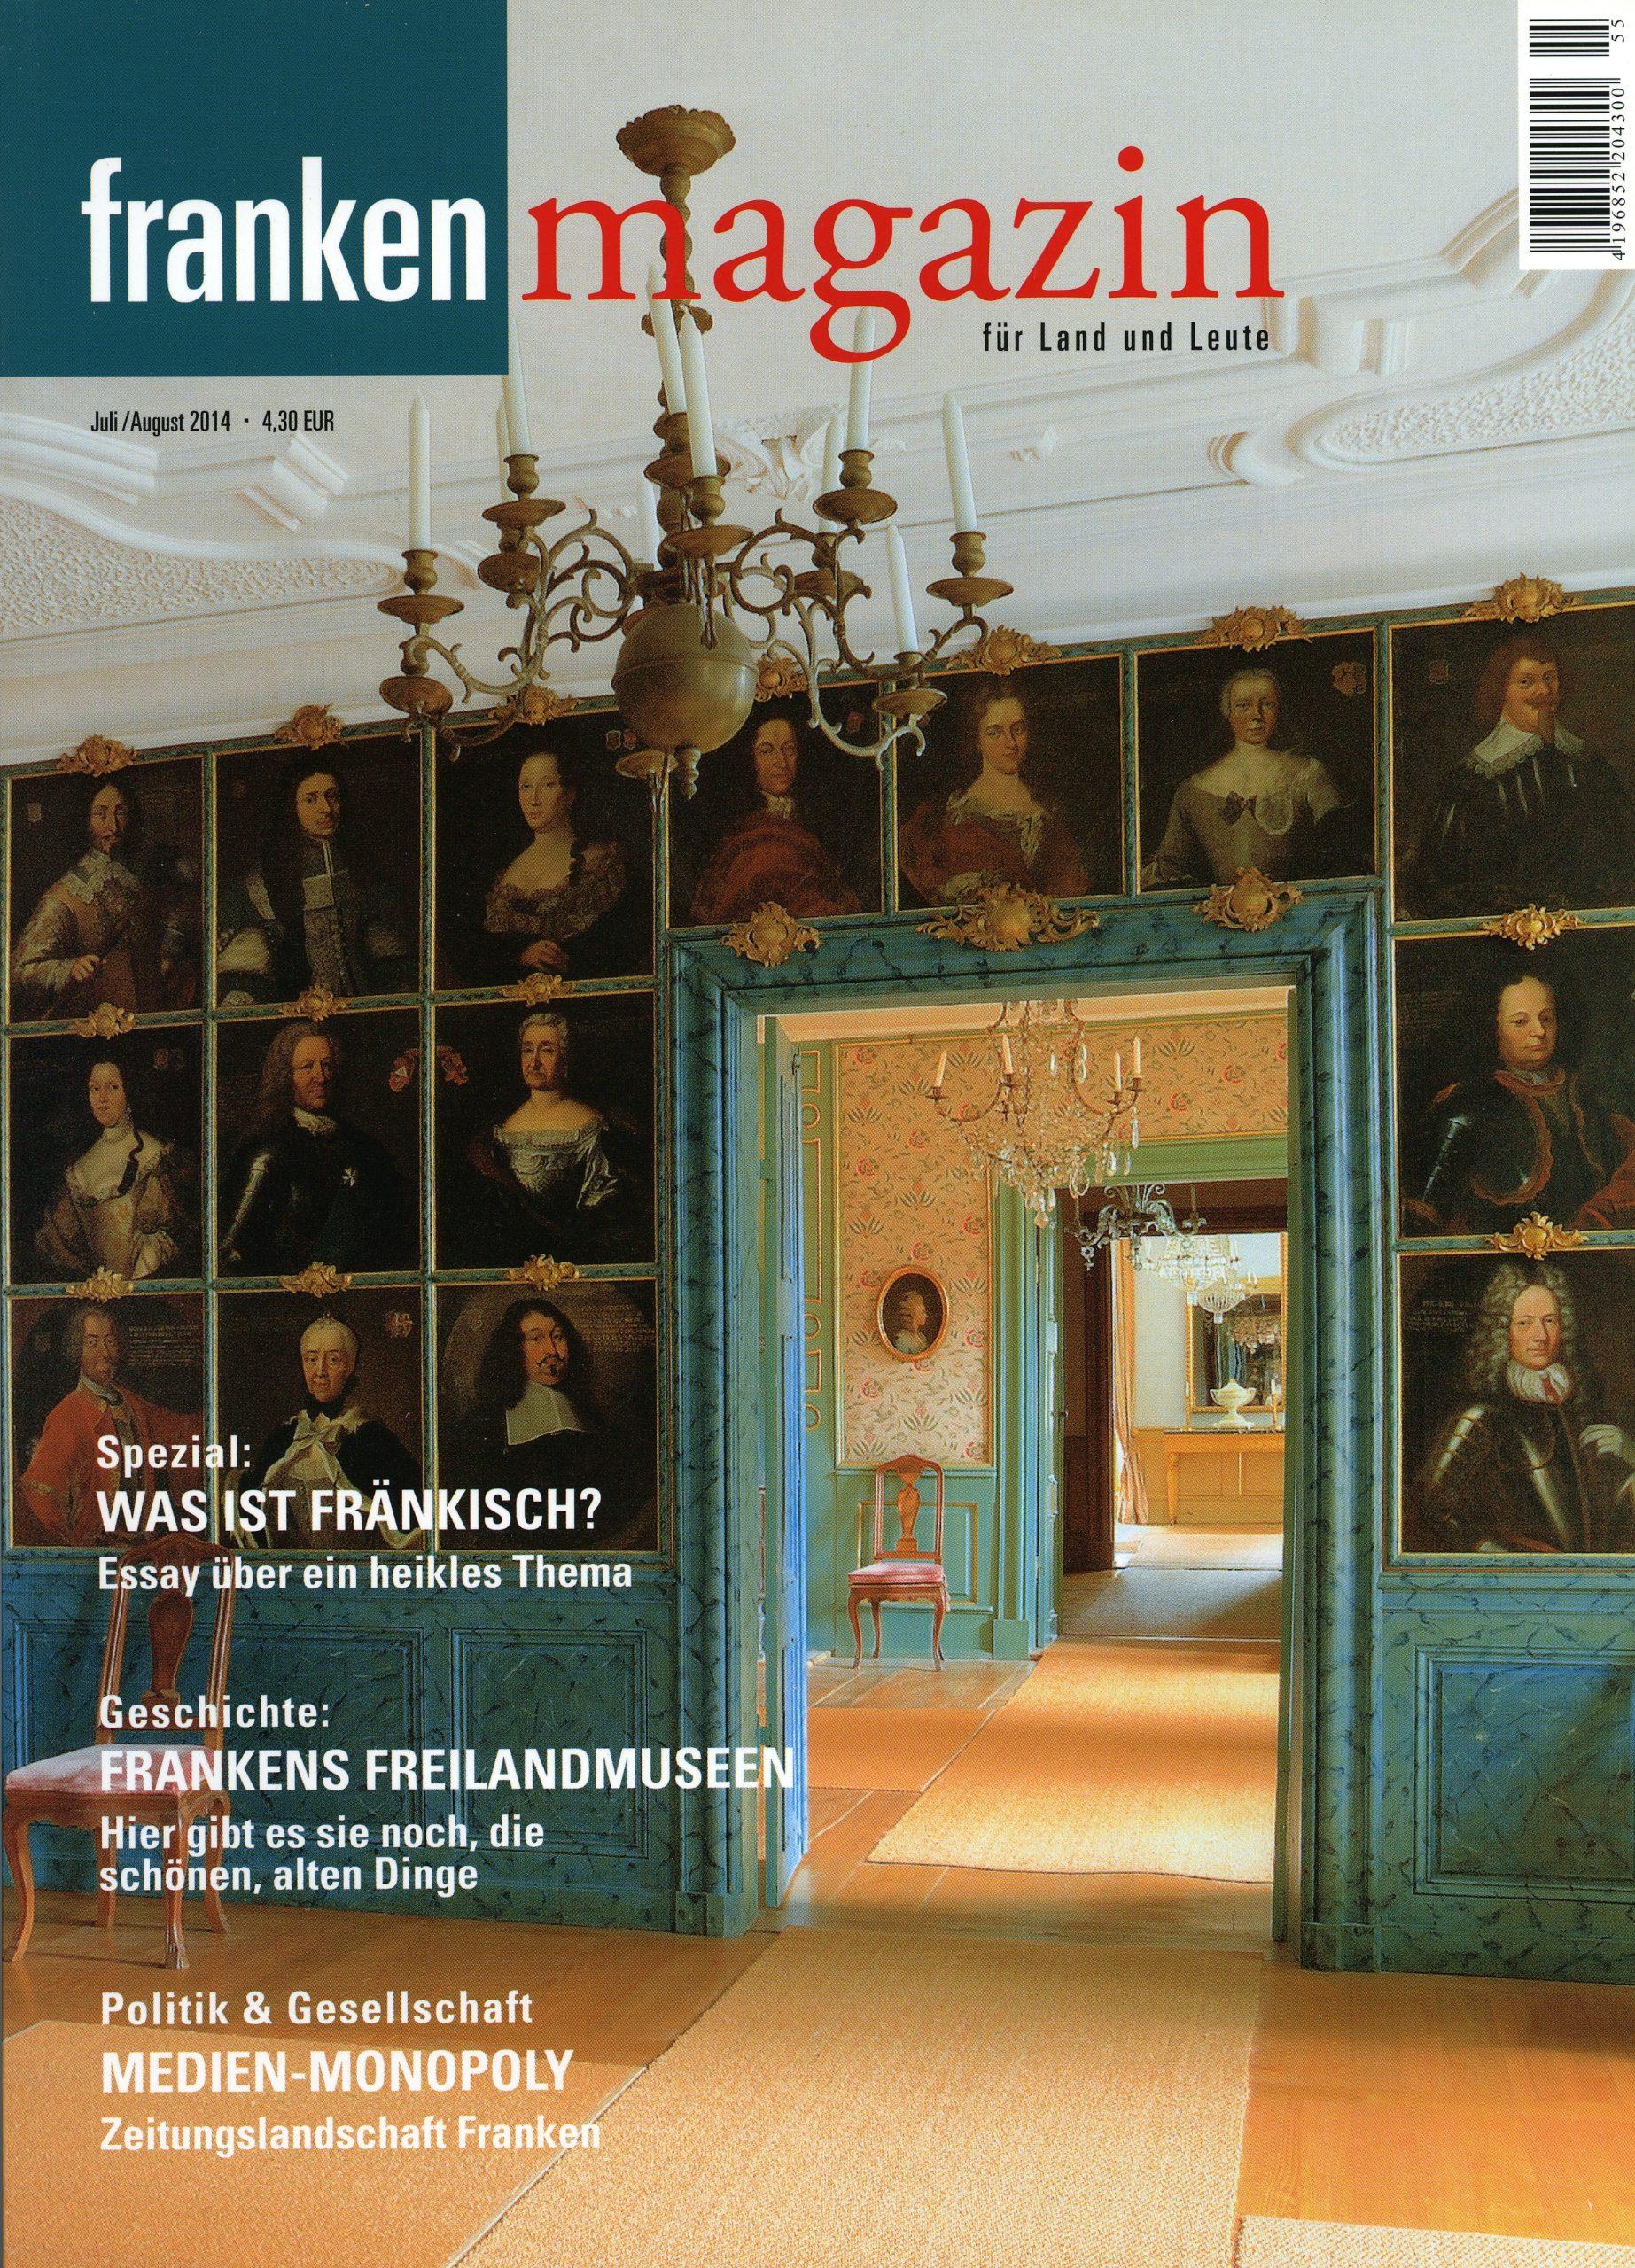 Franken-Magazin Juli / August 2014